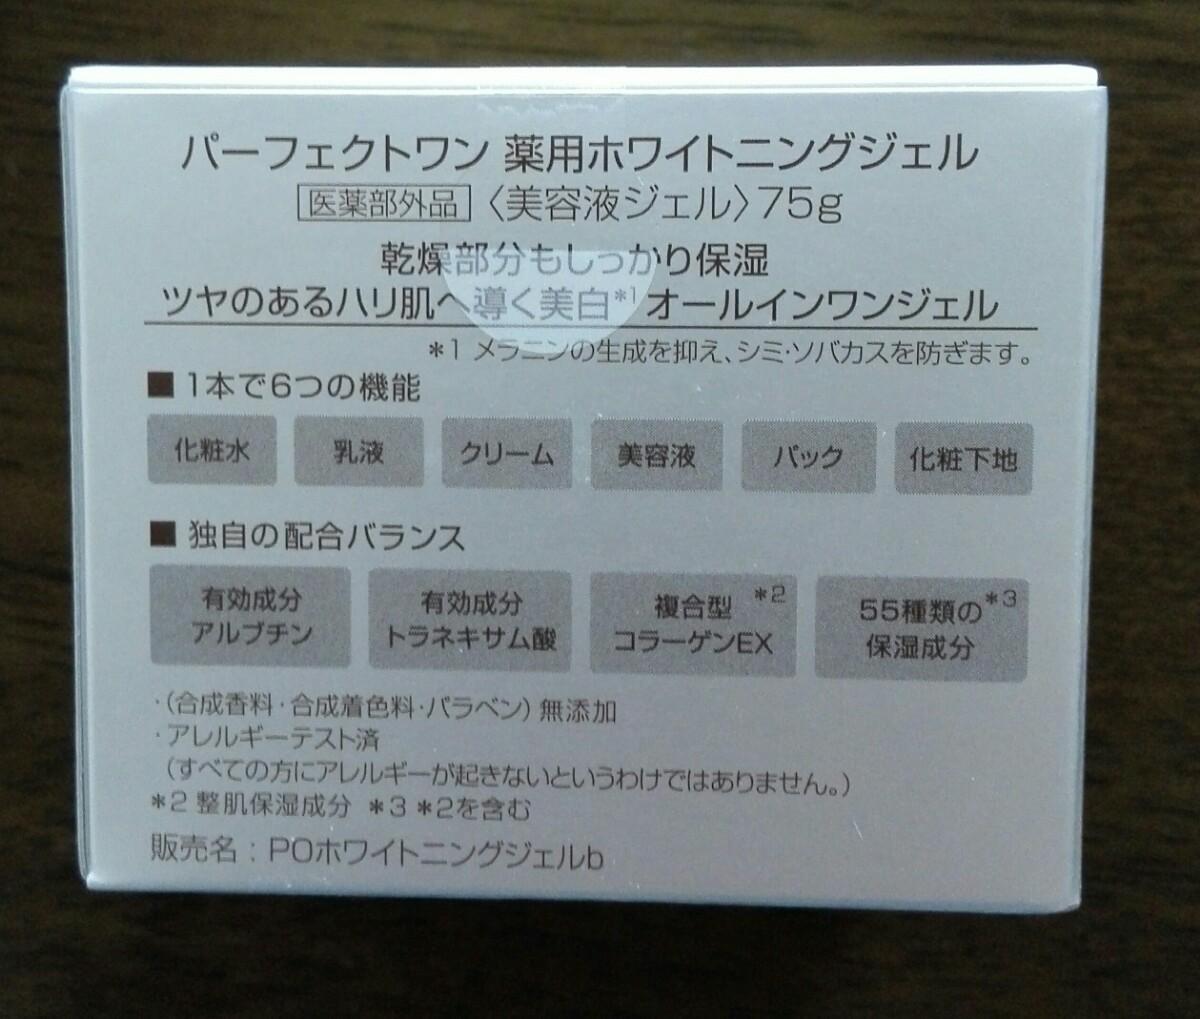 パーフェクトワン 薬用ホワイトニングジェル 75g  2個  パーフェクトワンモイスチャージェル